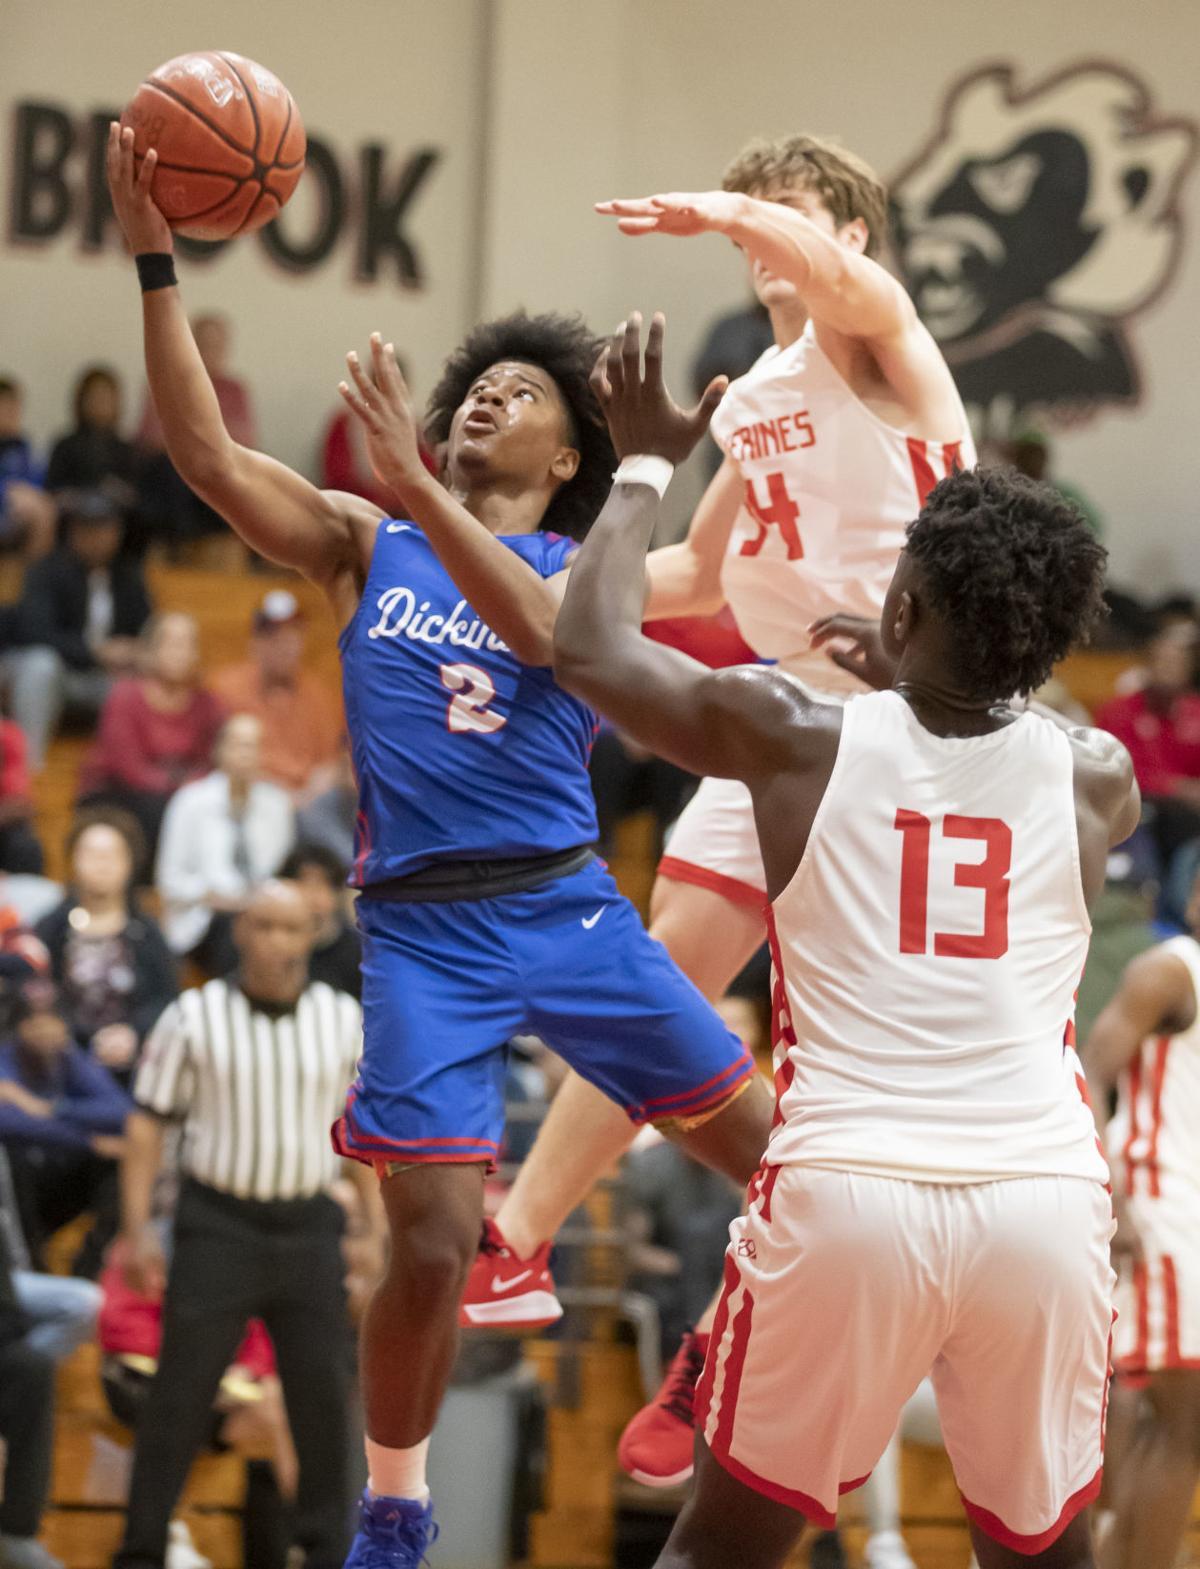 Dickinson vs Clear Brook Boys Basketball